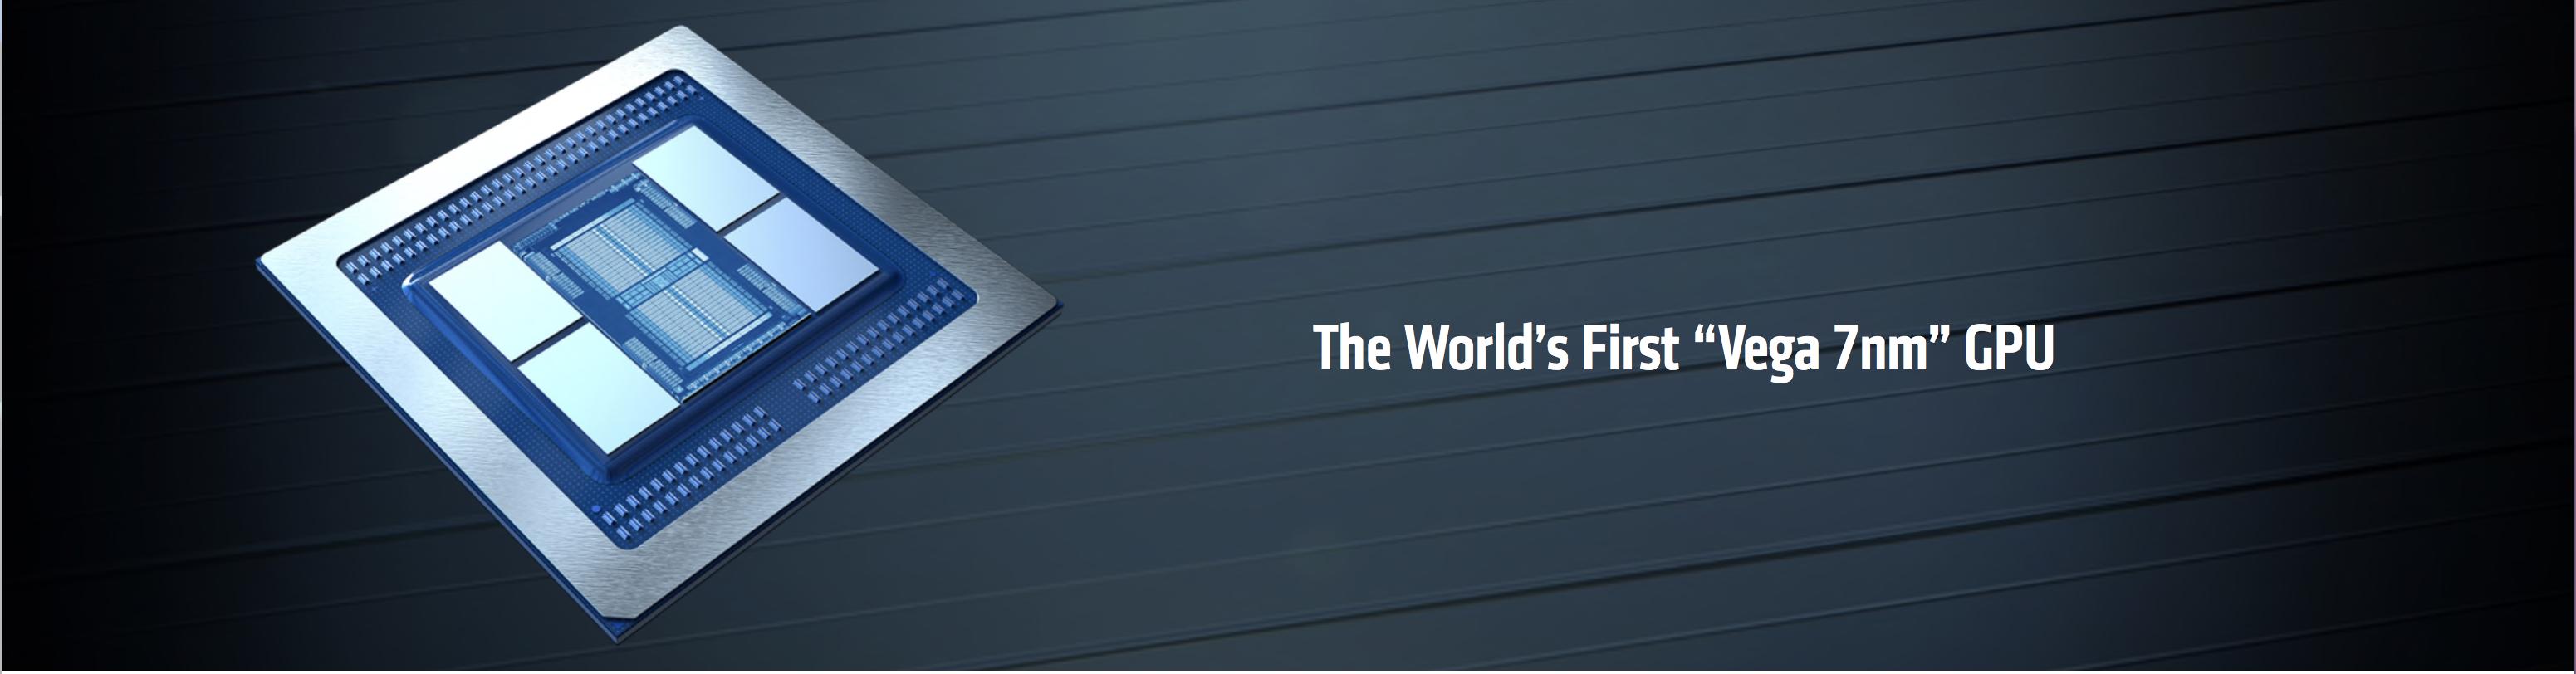 Nvidia: Headed For $100 - NVIDIA Corporation (NASDAQ:NVDA) | Seeking